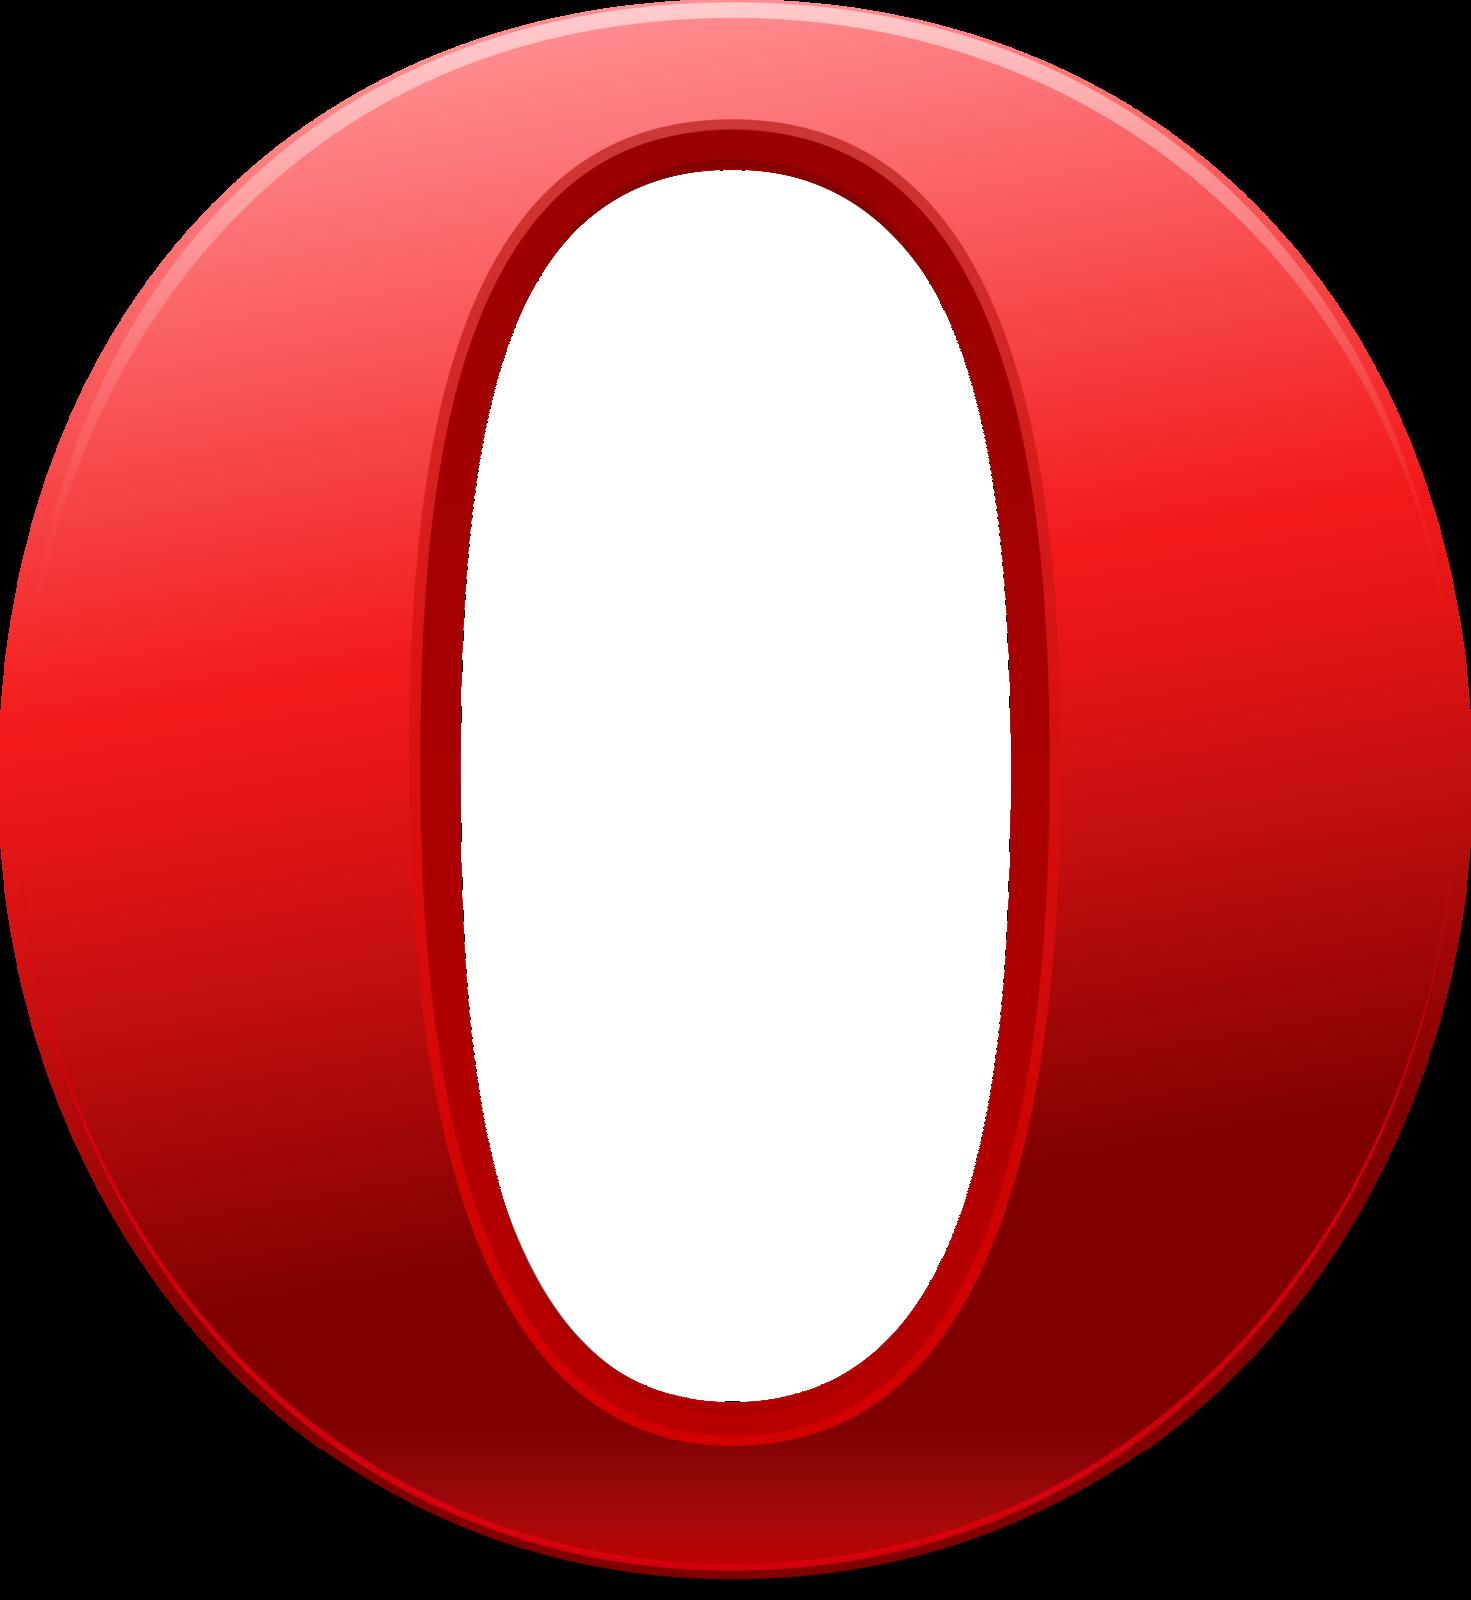 Opera logos PNG images free download.